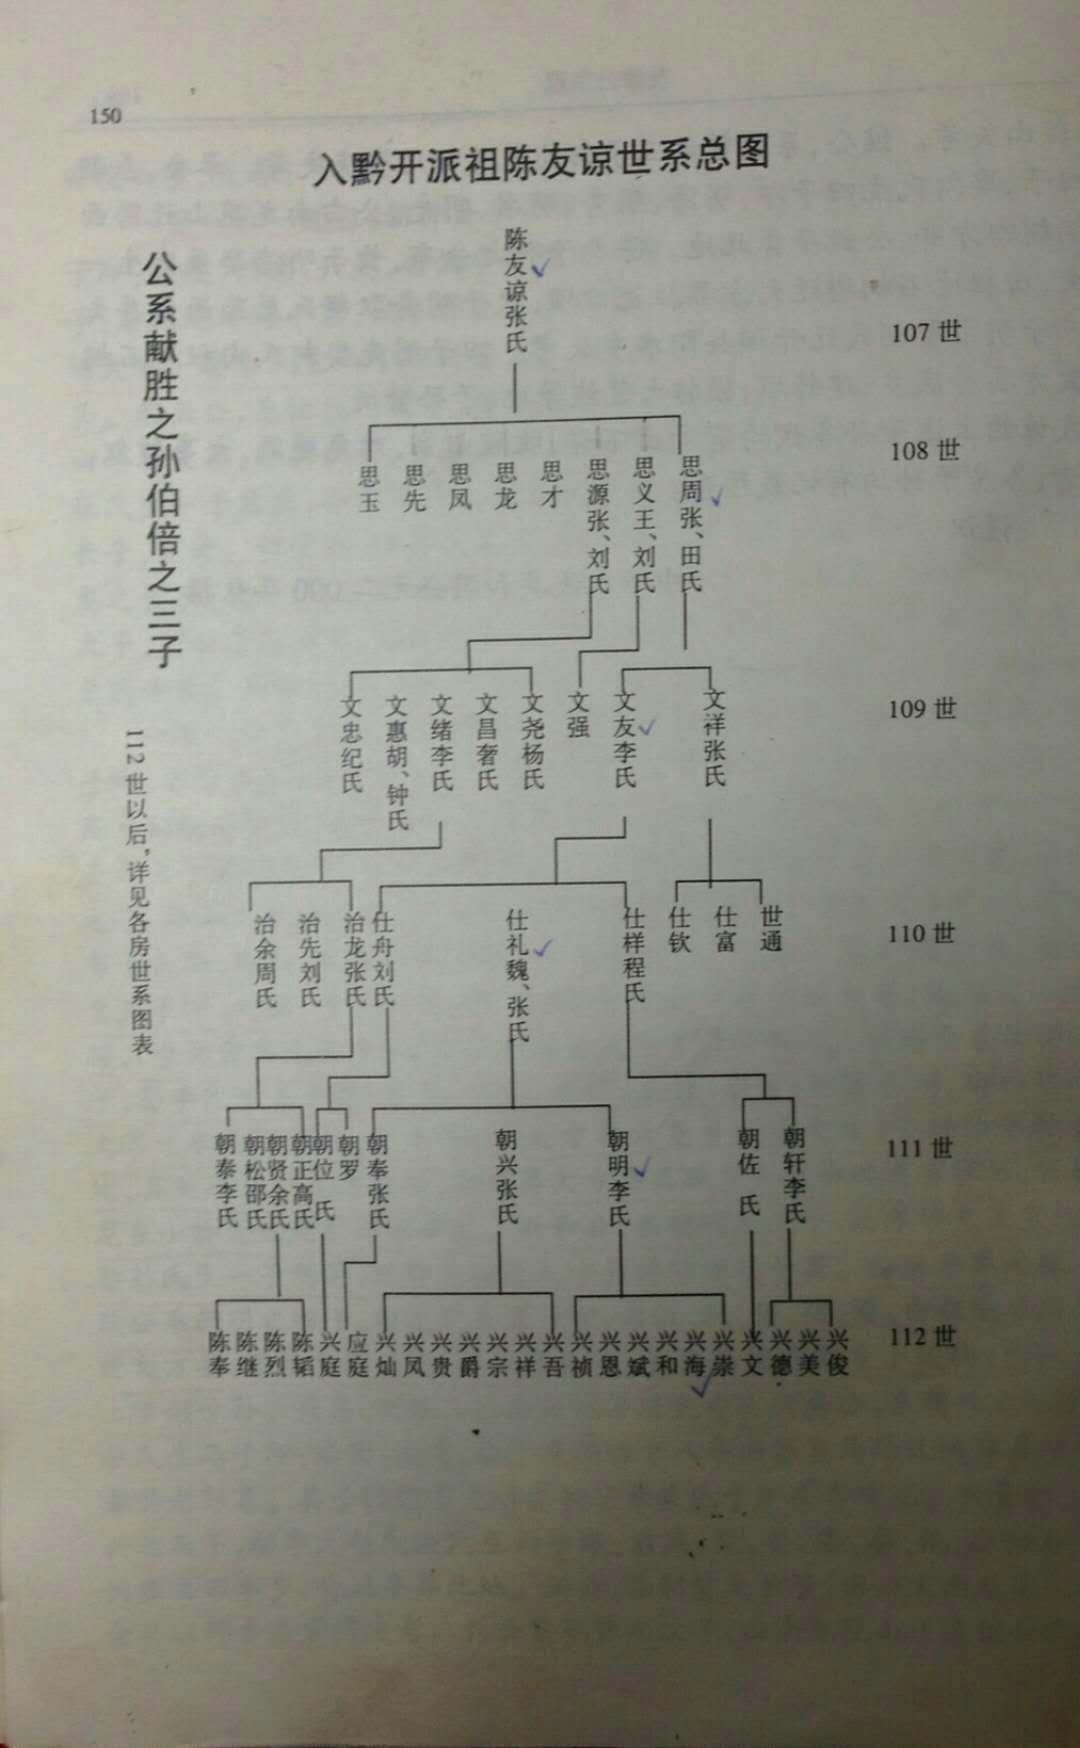 义门陈果石庄友谅后裔兴崇只系部分源流名单